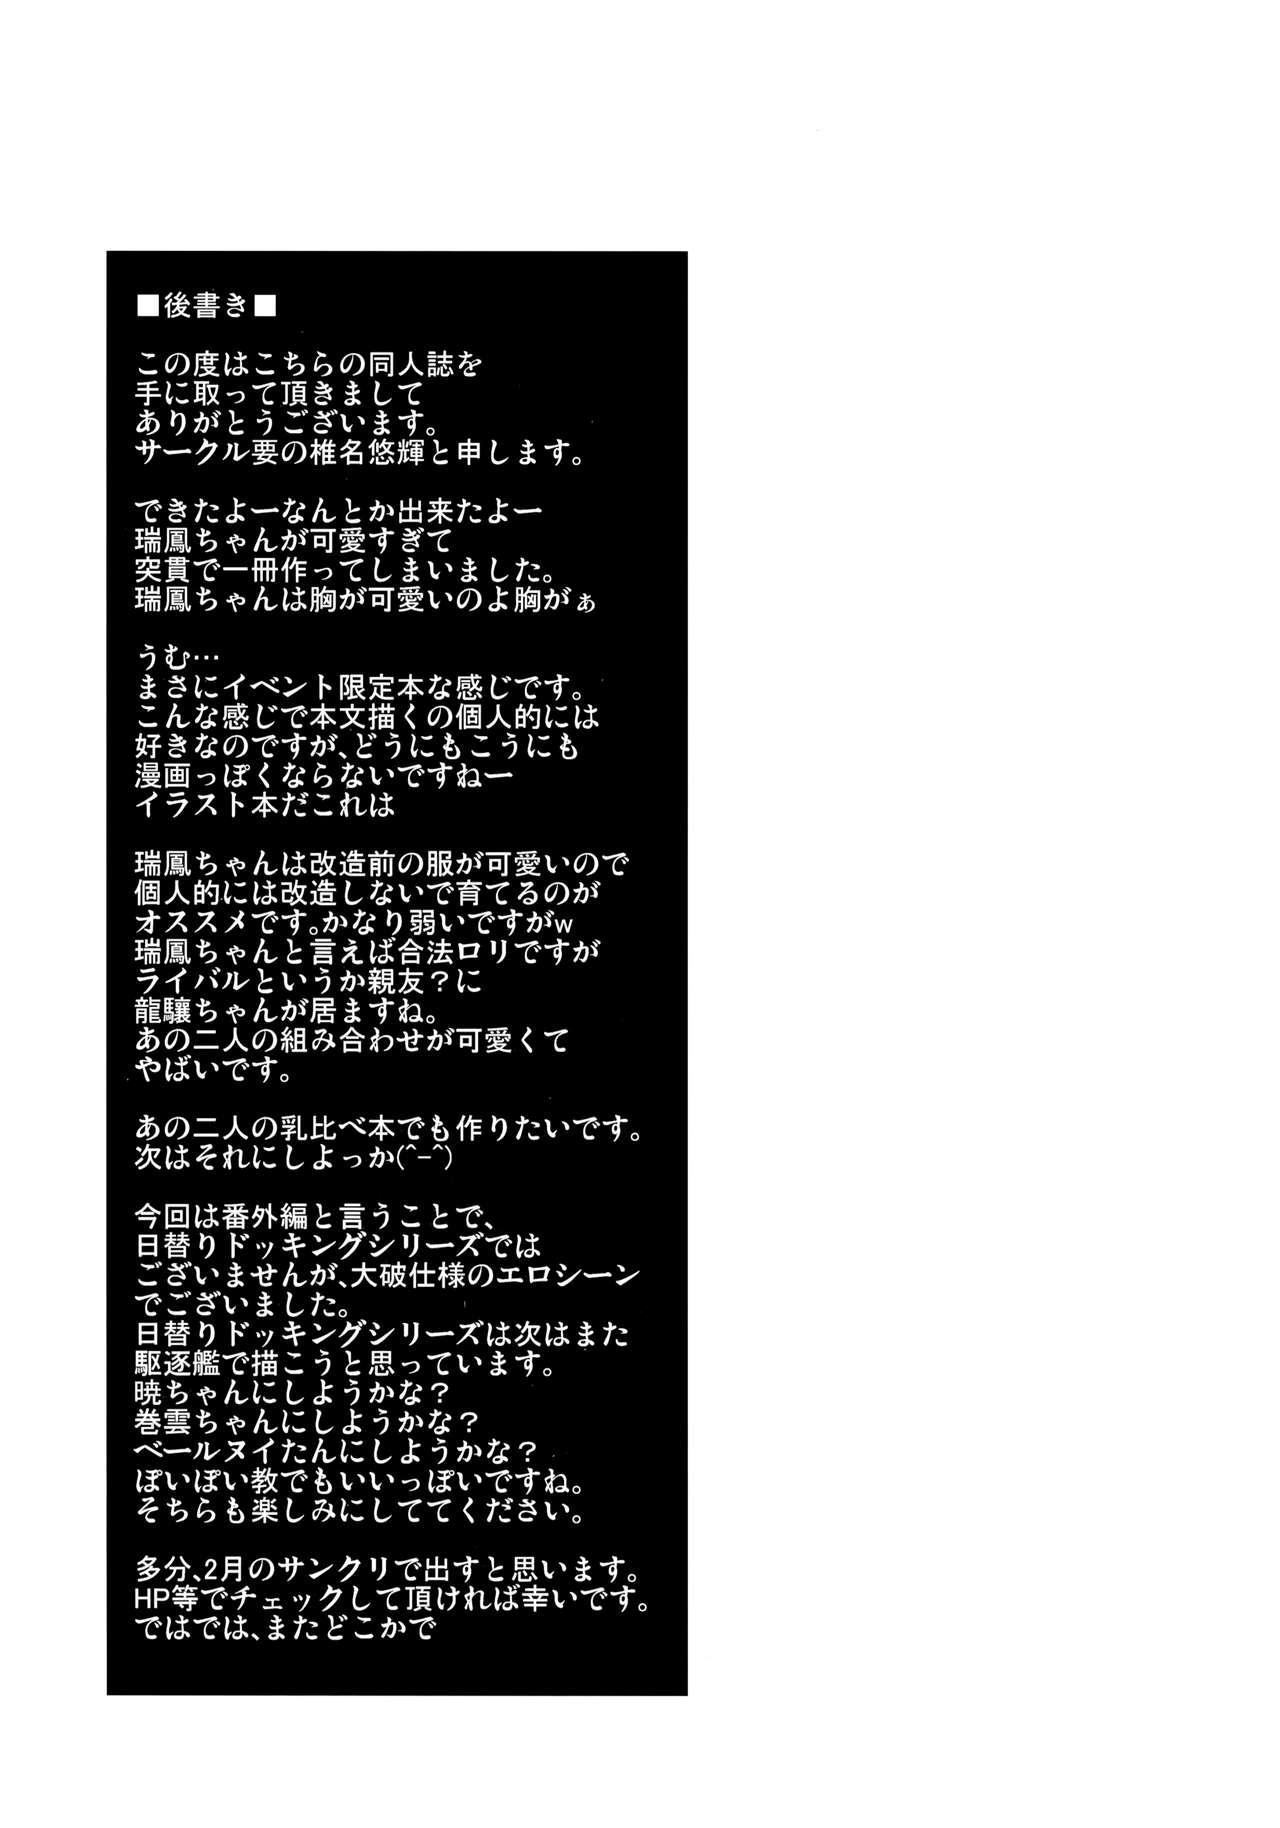 Zuihou-chan no Tanoshii Kakunouko Kakuchou 19